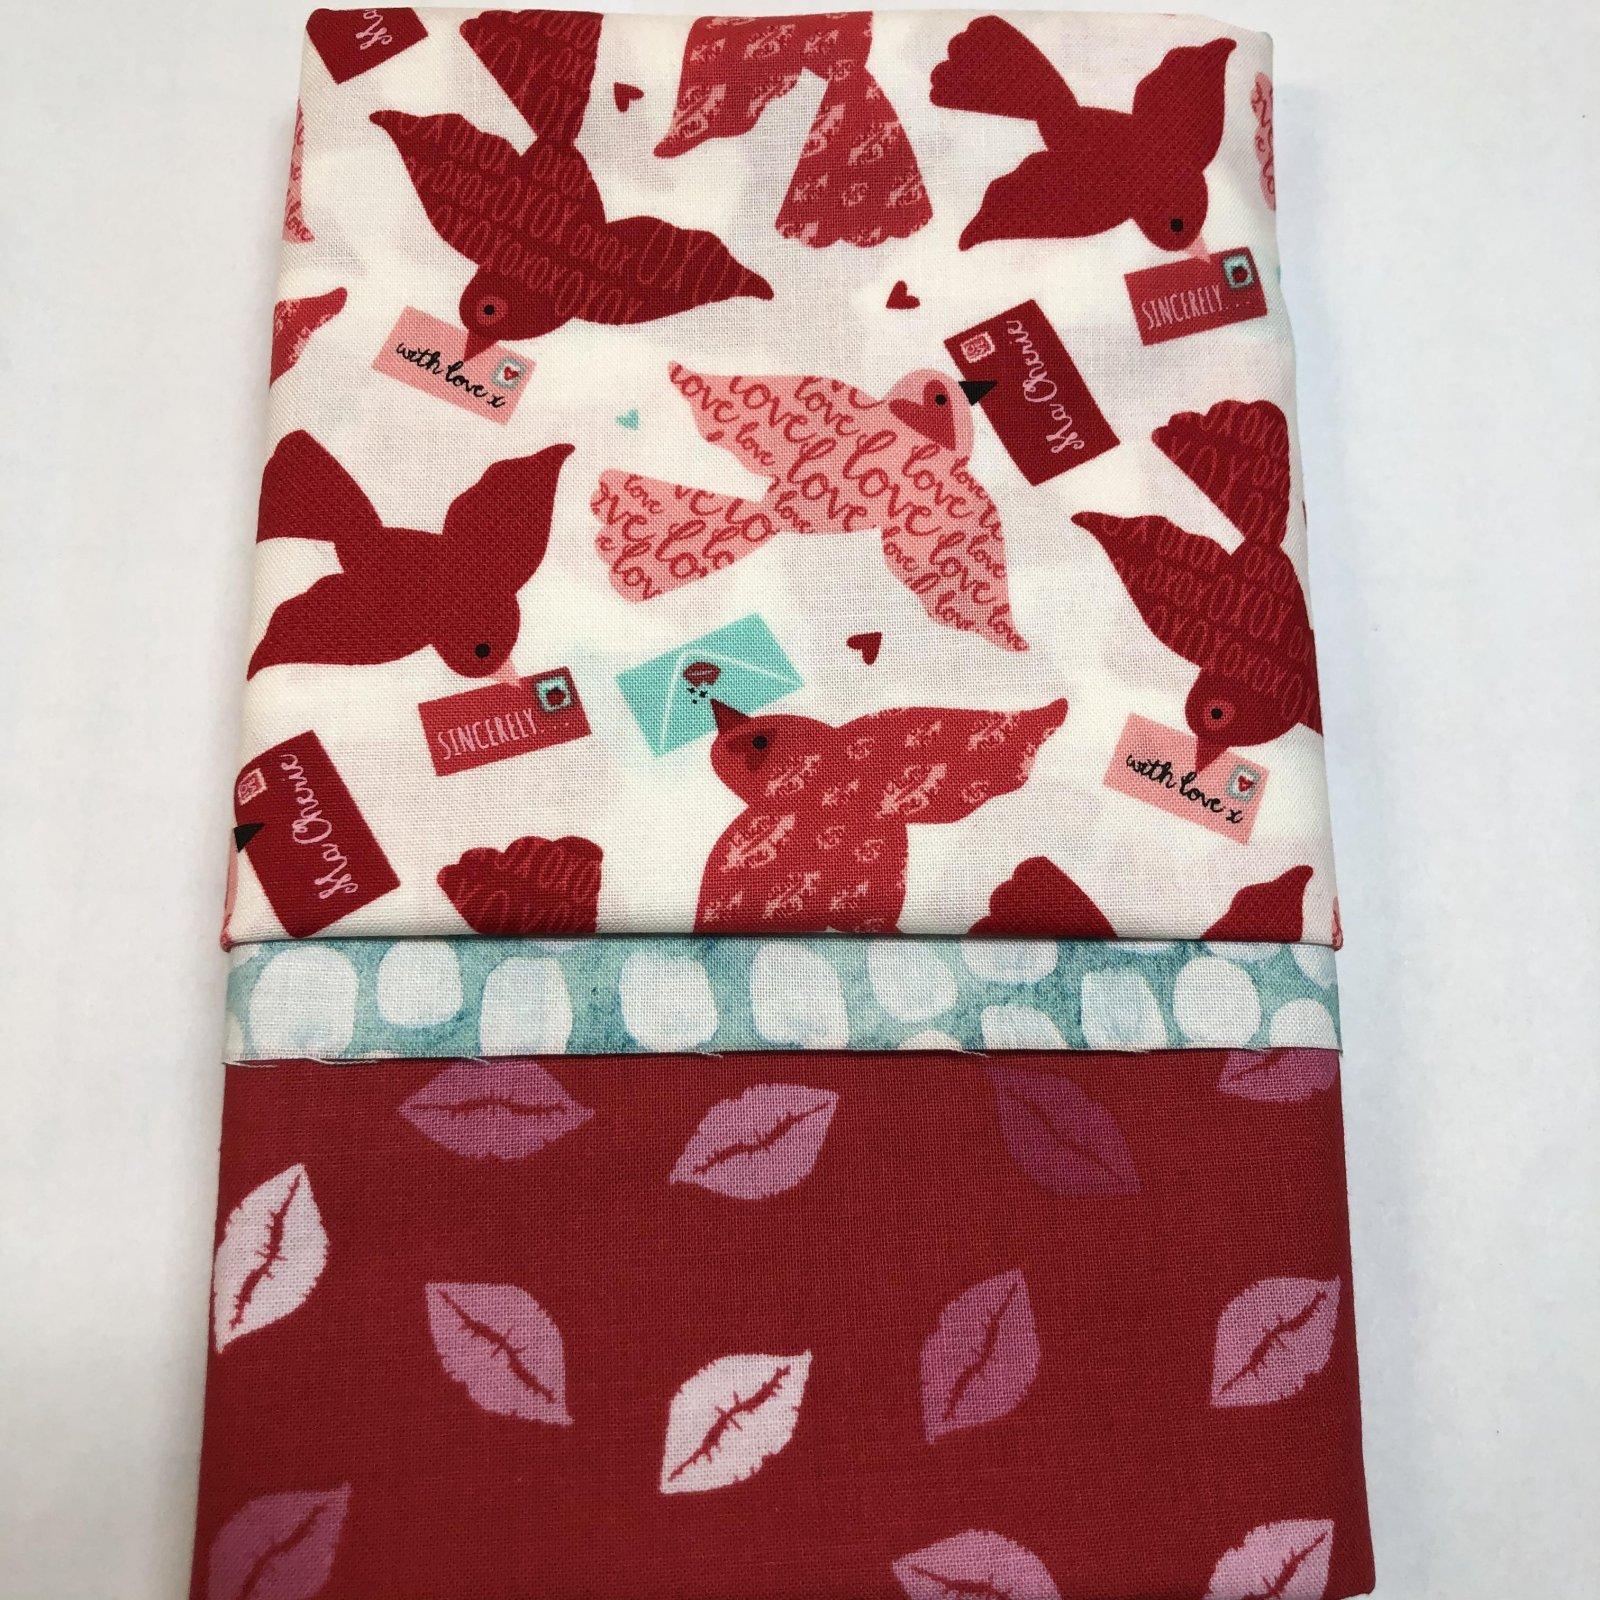 Sending Love Valentine Pillowcase Kit